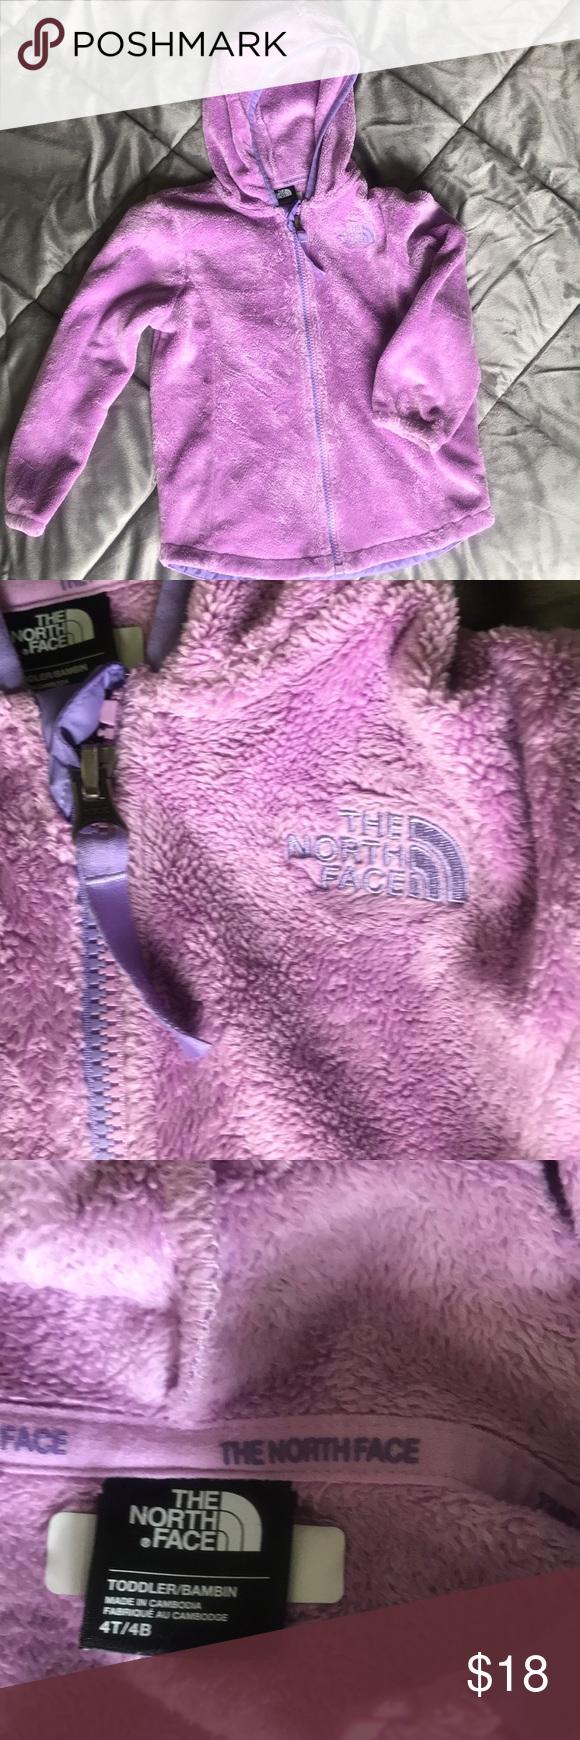 The North Face Fleece Zip Jacket With Hood Size 4t North Face Fleece Hooded Jacket Zip Jackets [ 1740 x 580 Pixel ]